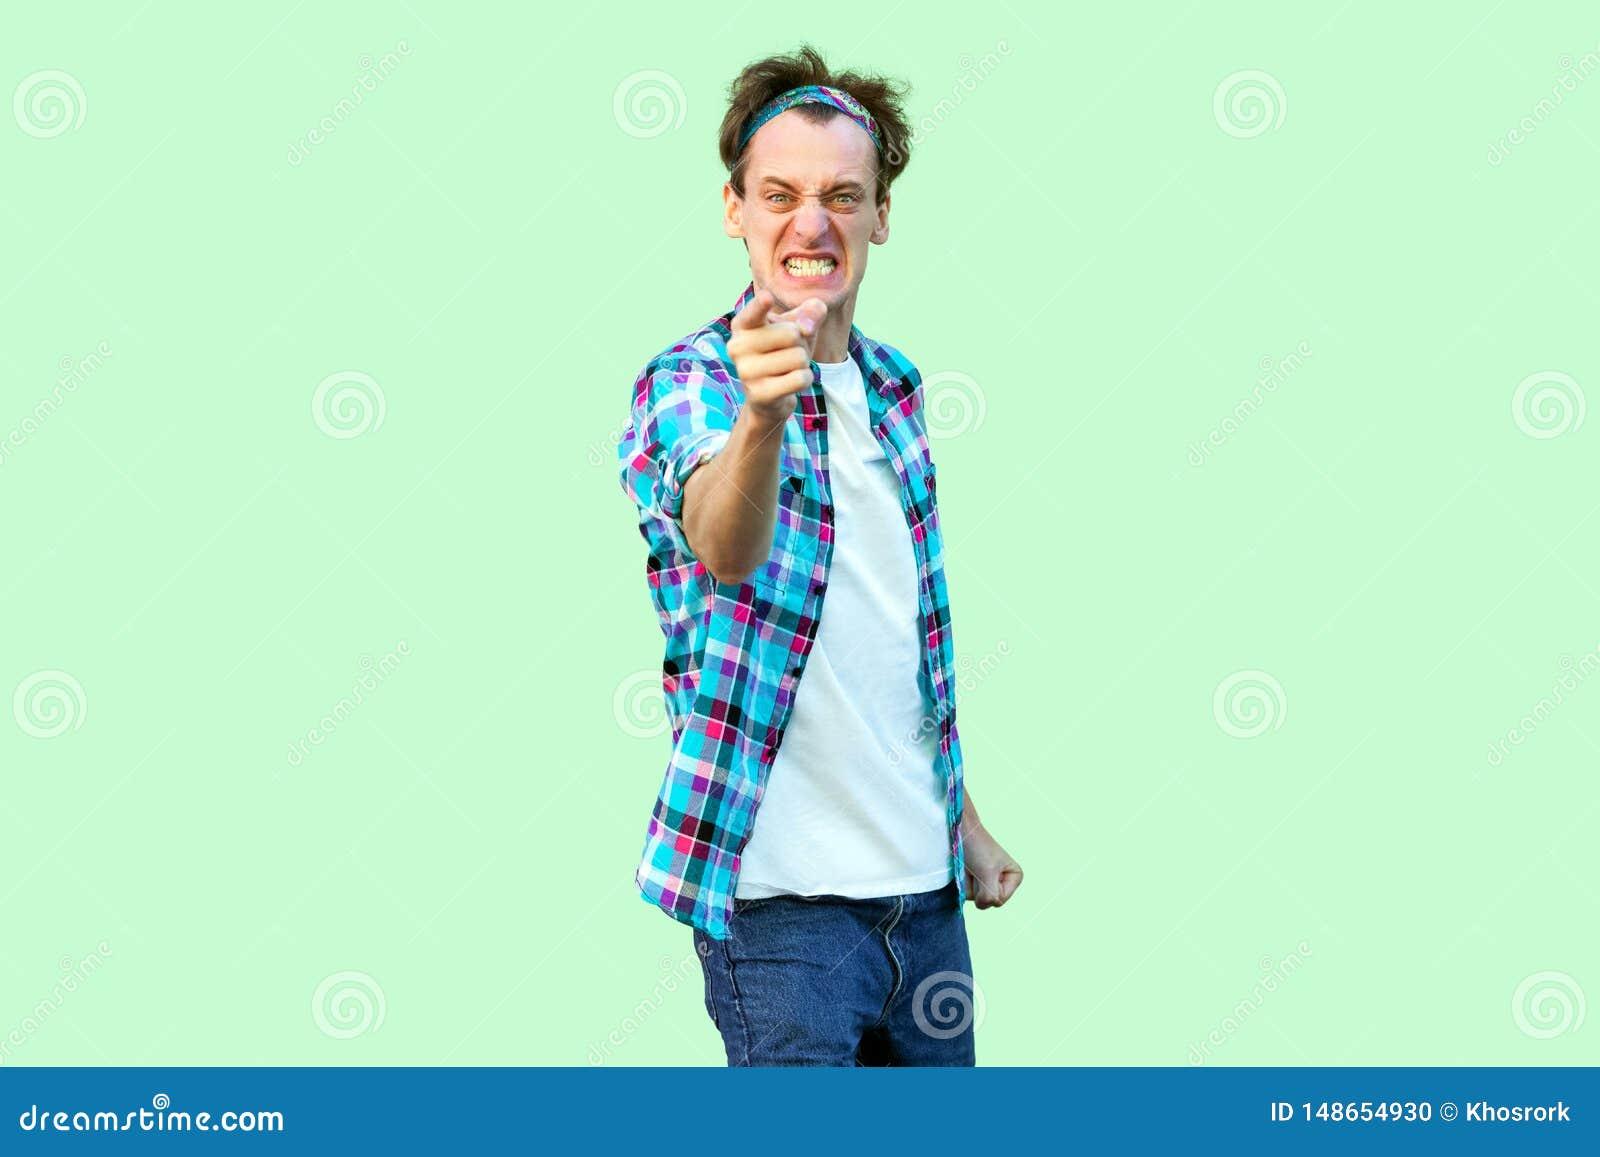 Portret van de boze zenuwachtige jonge mens in toevallig blauw geruit overhemd en hoofdband die, tanden dichtklemmen, en beschuld